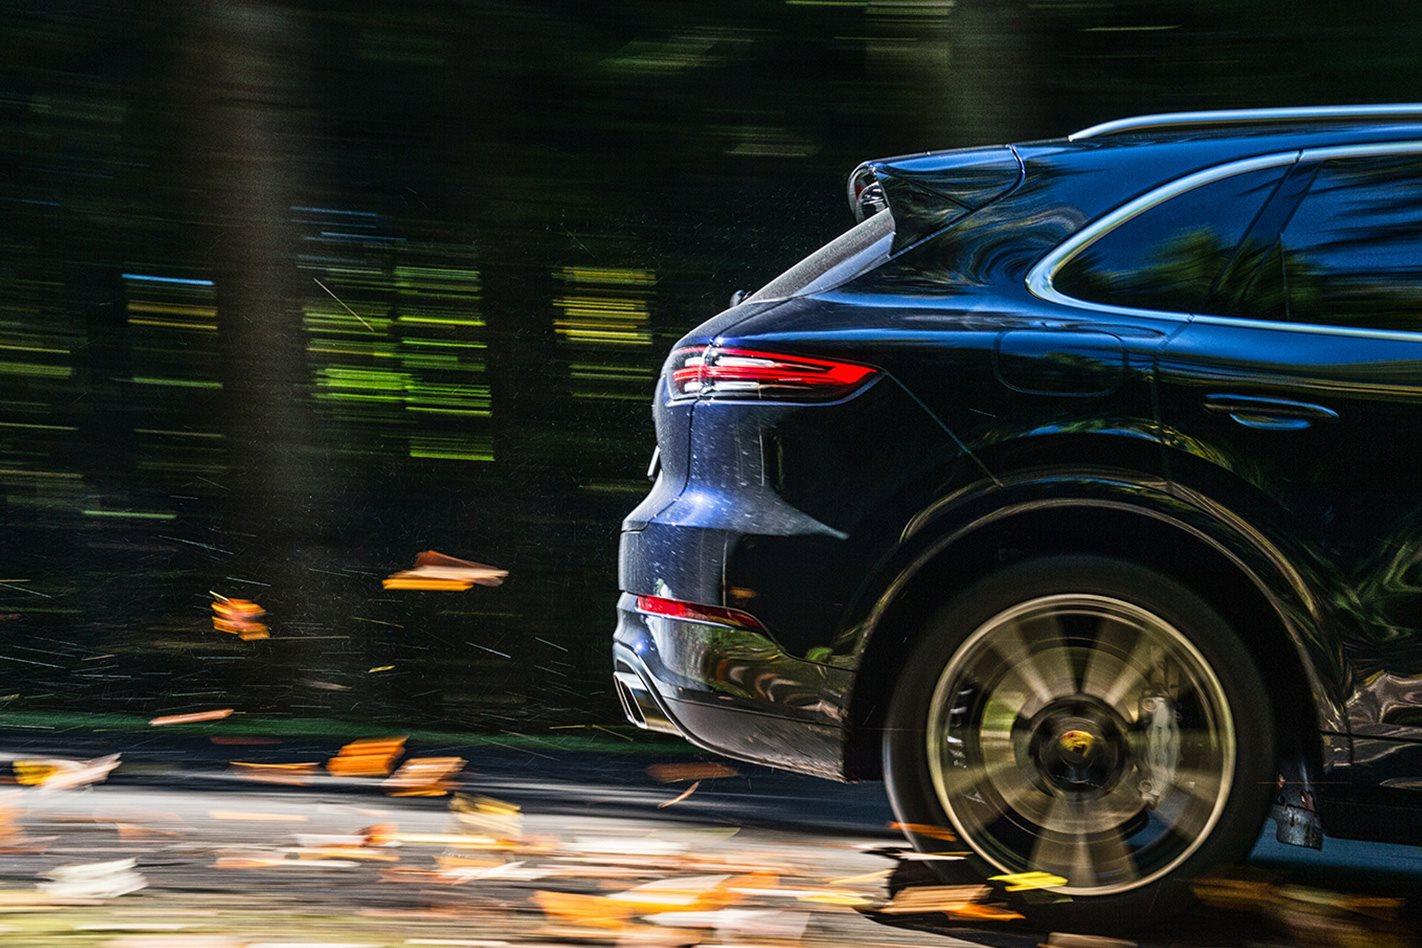 2018-Porsche-Cayenne-Turbo-wheel.jpg